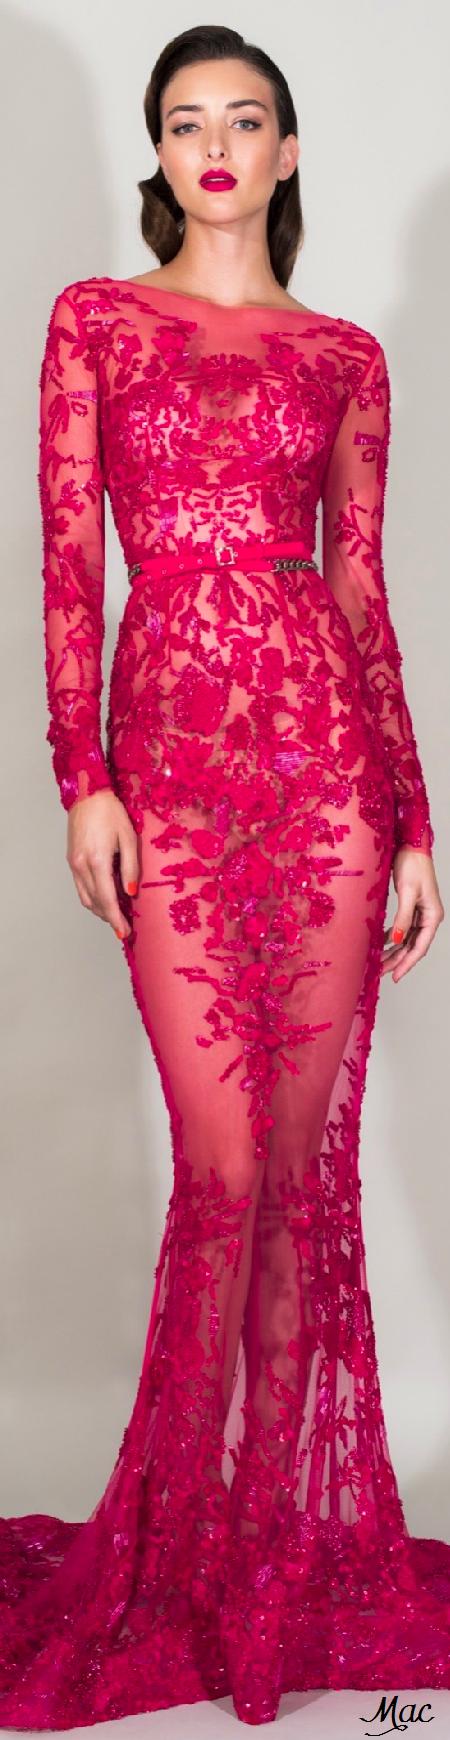 Bello vestido para ser invitada a una boda | TUMBLR | Pinterest ...